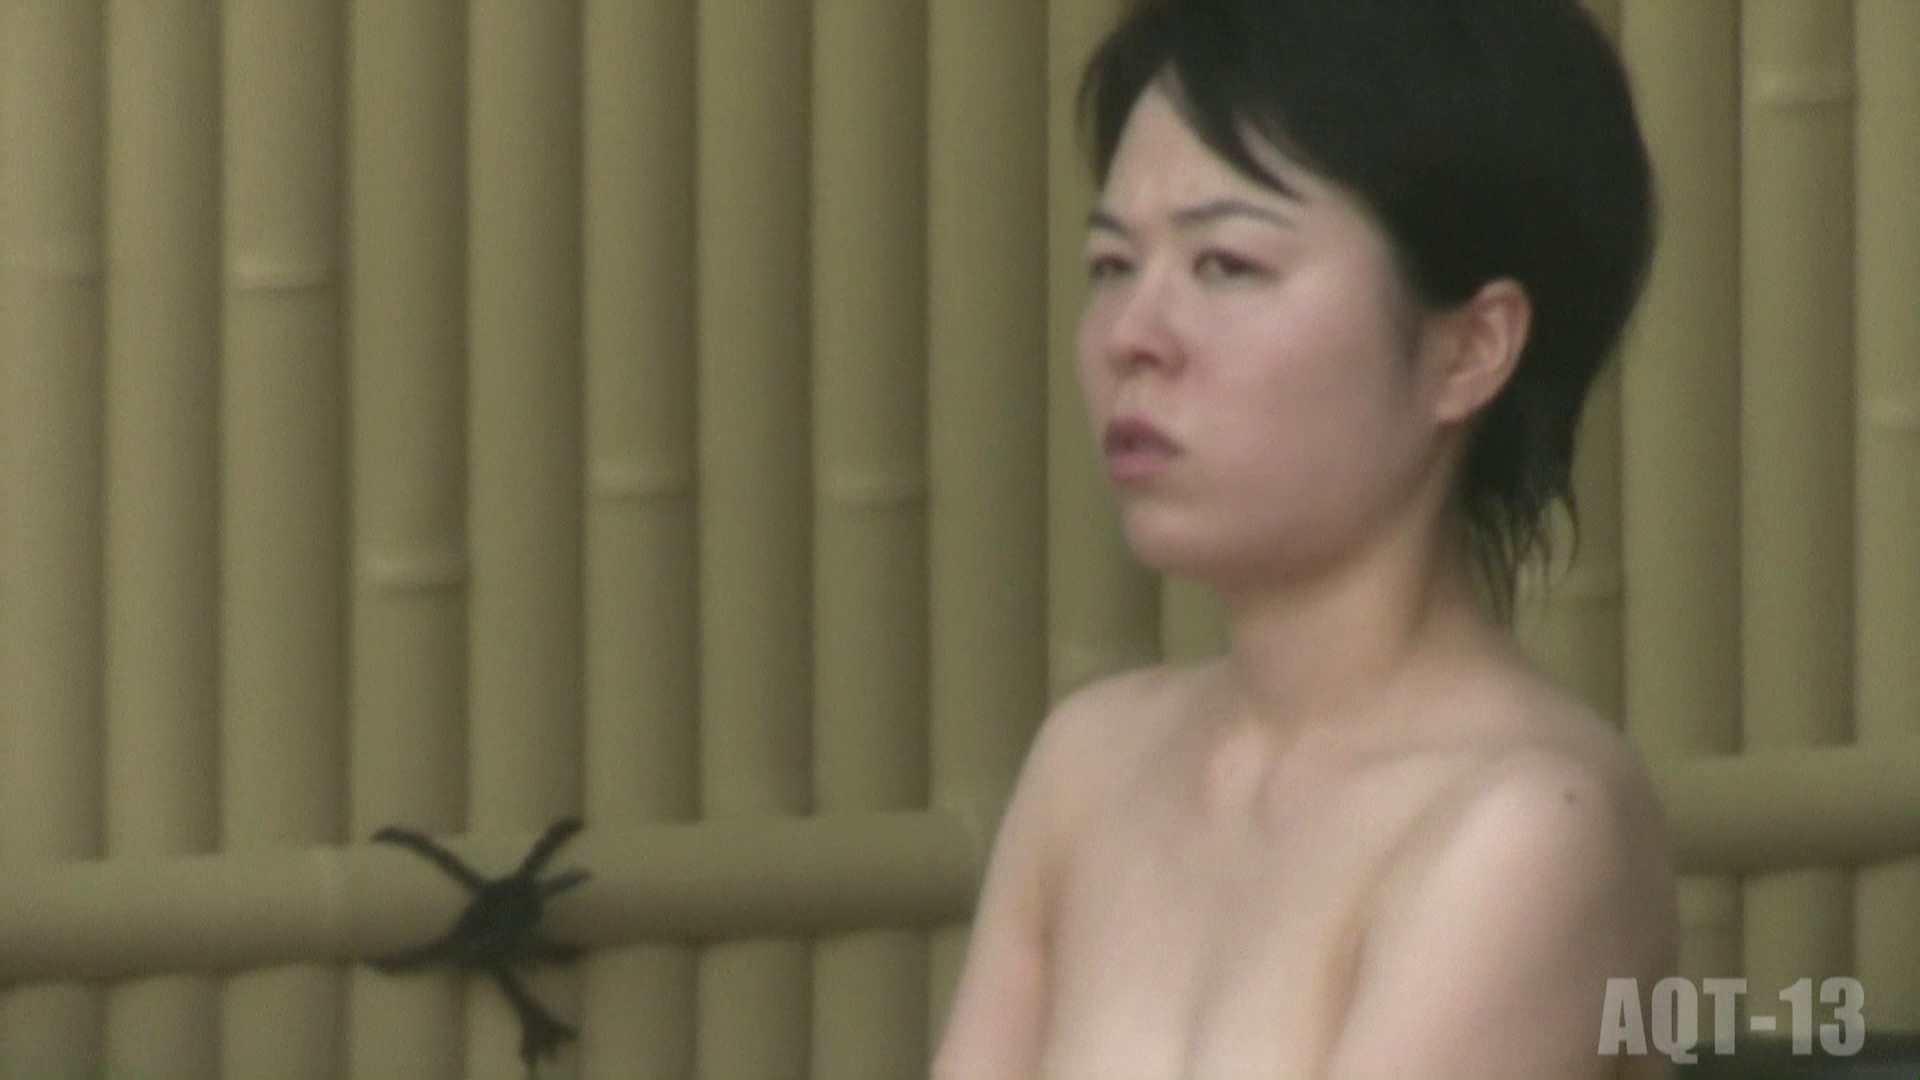 Aquaな露天風呂Vol.815 OLのエロ生活 盗み撮り動画キャプチャ 109連発 47